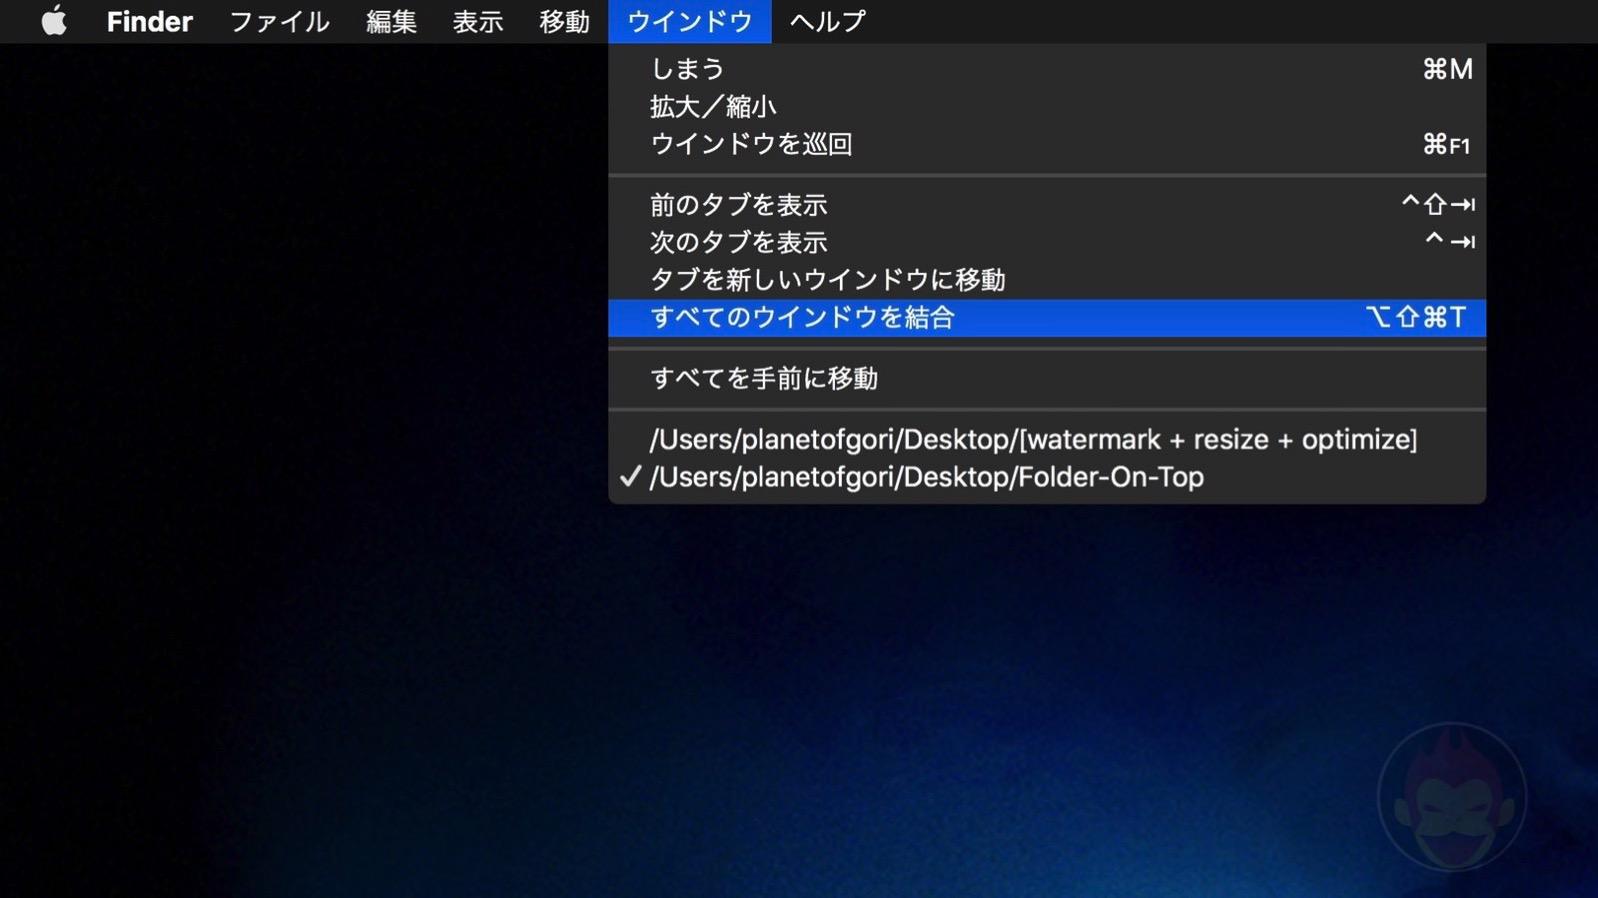 Mac-Finder-Combining-Tabs-Link-01.jpg